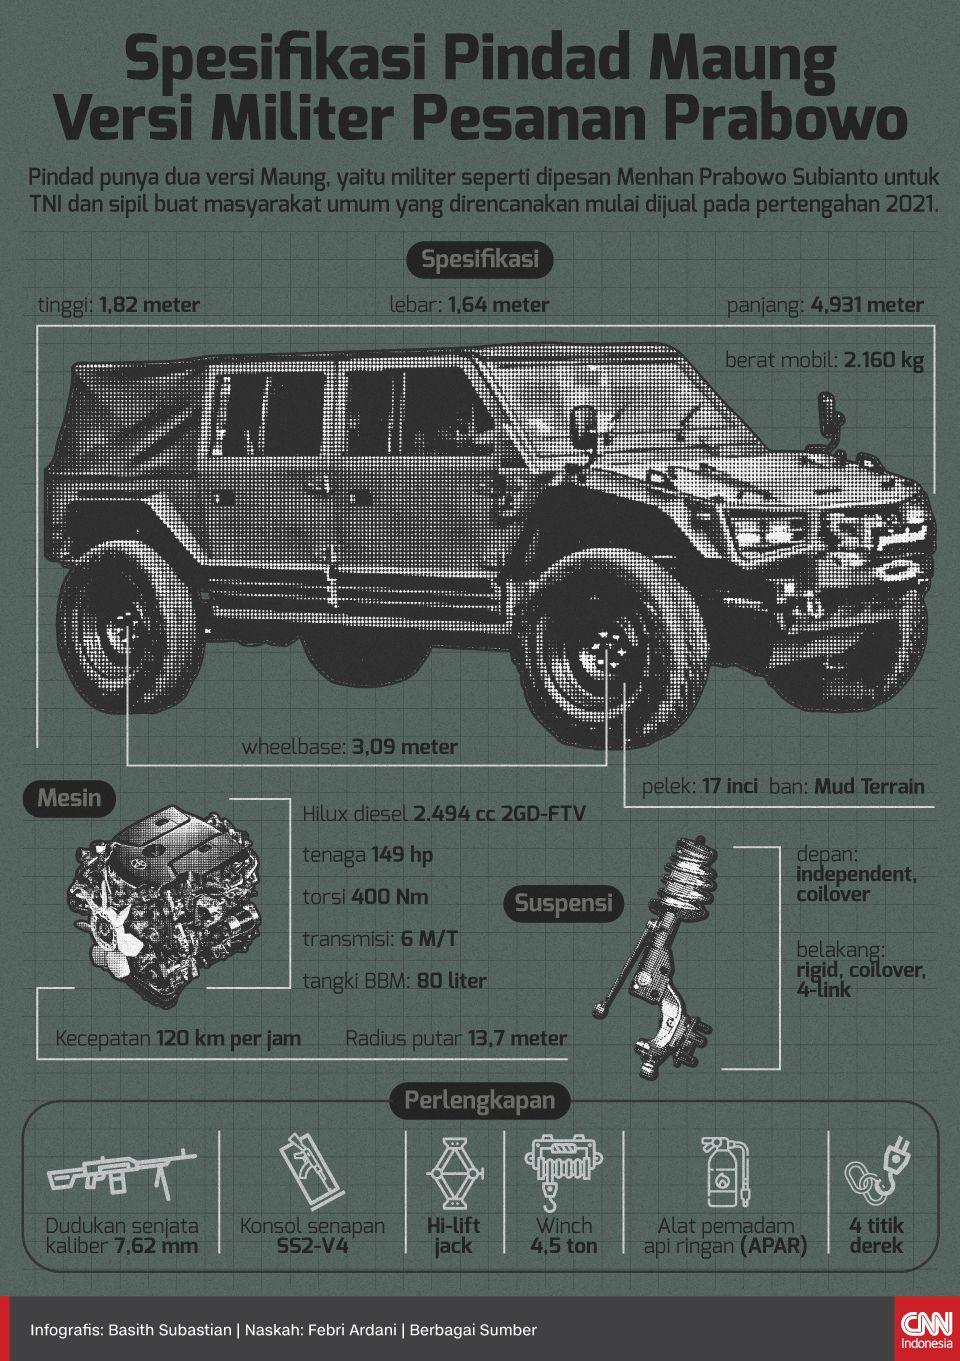 Infografis Spesifikasi Pindad Maung Versi Militer Pesanan Prabowo